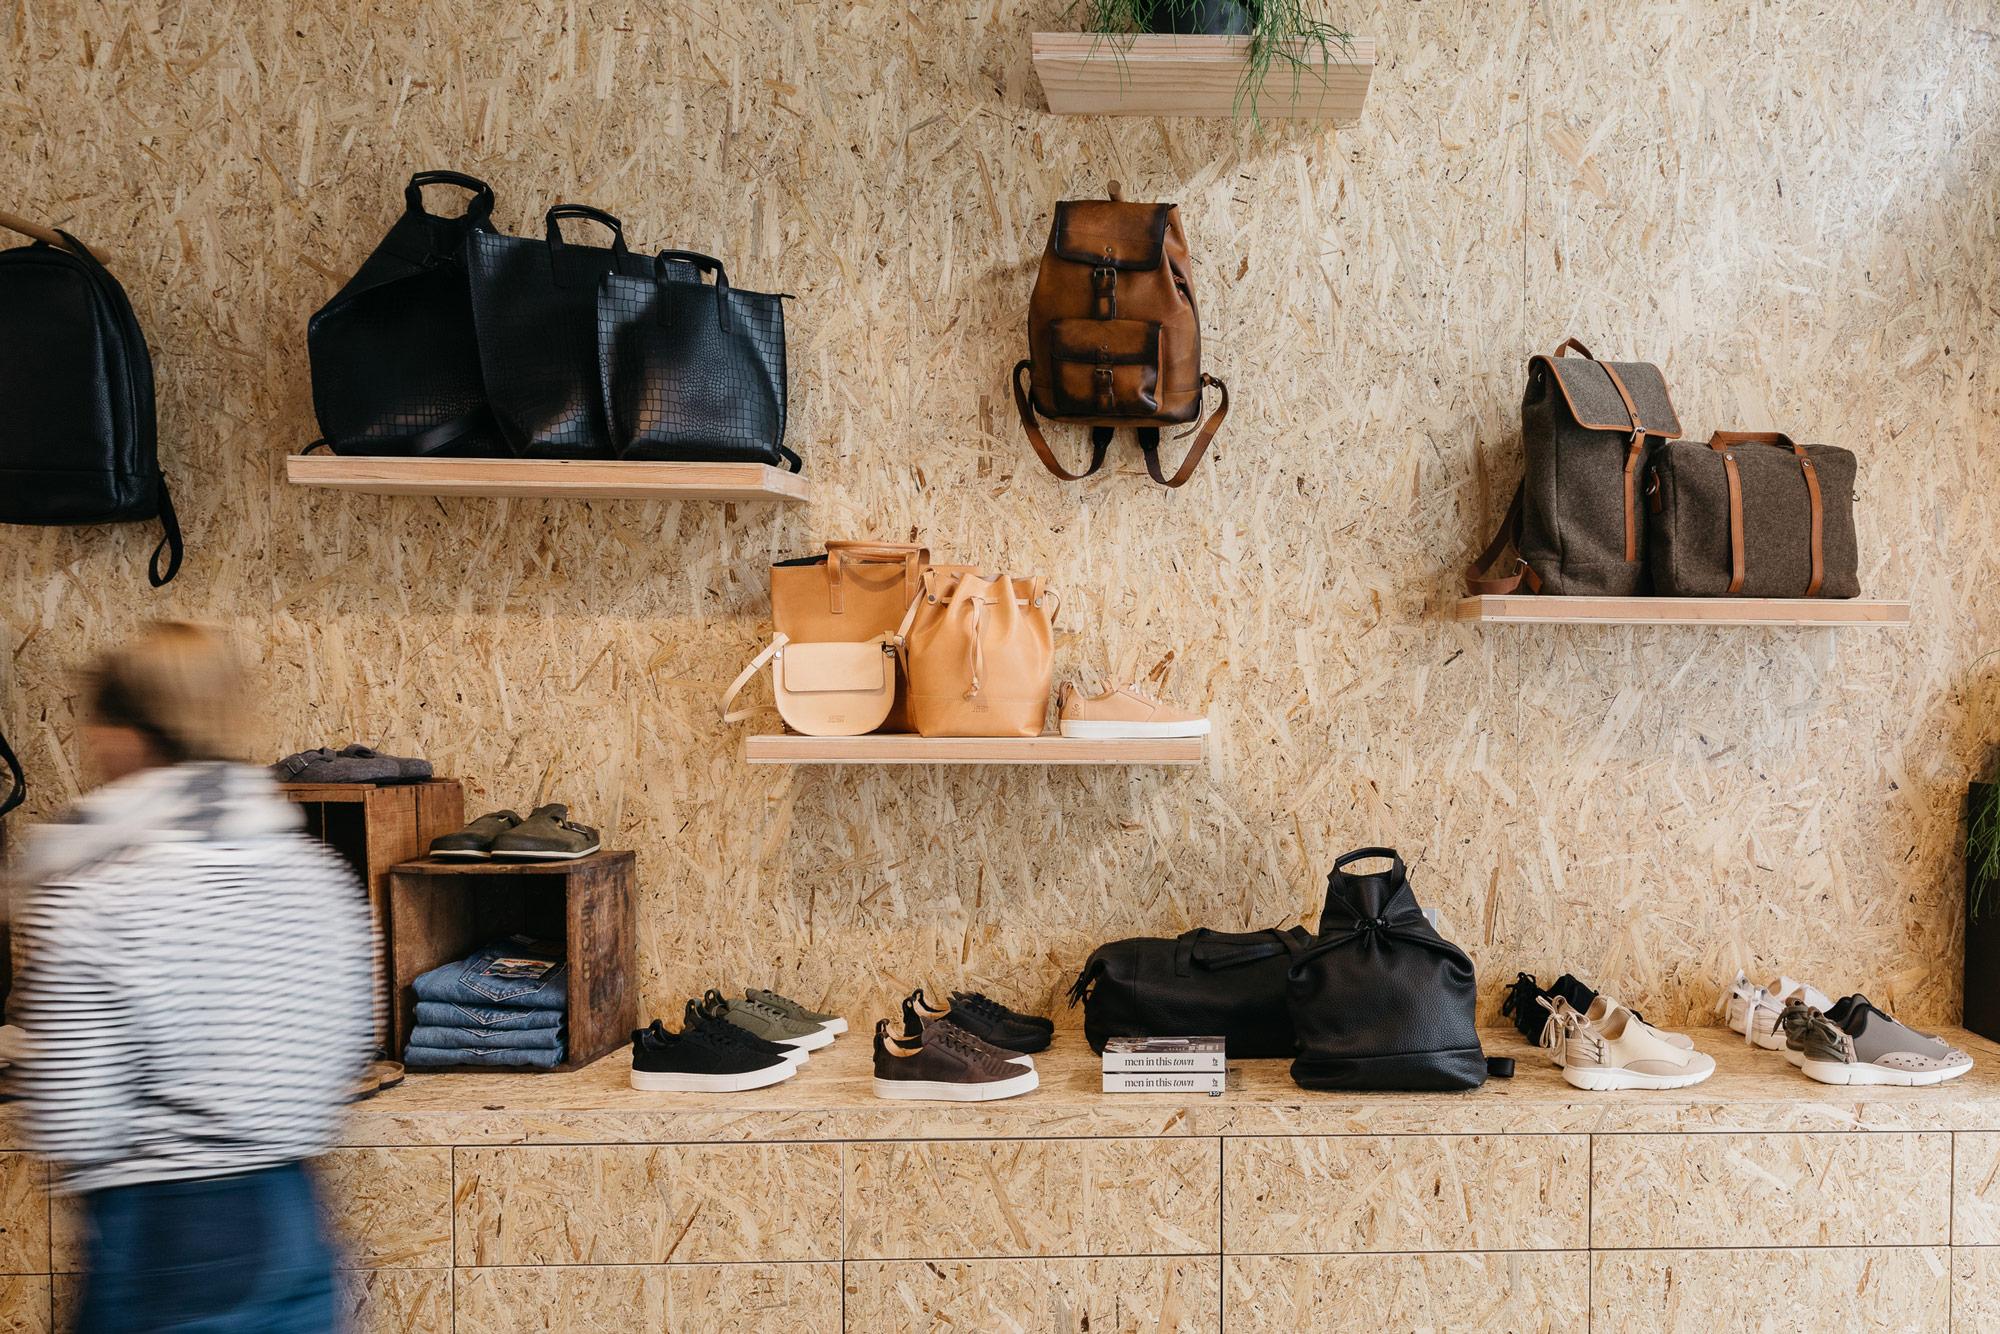 Keoma-Retail-2500px-3.jpg